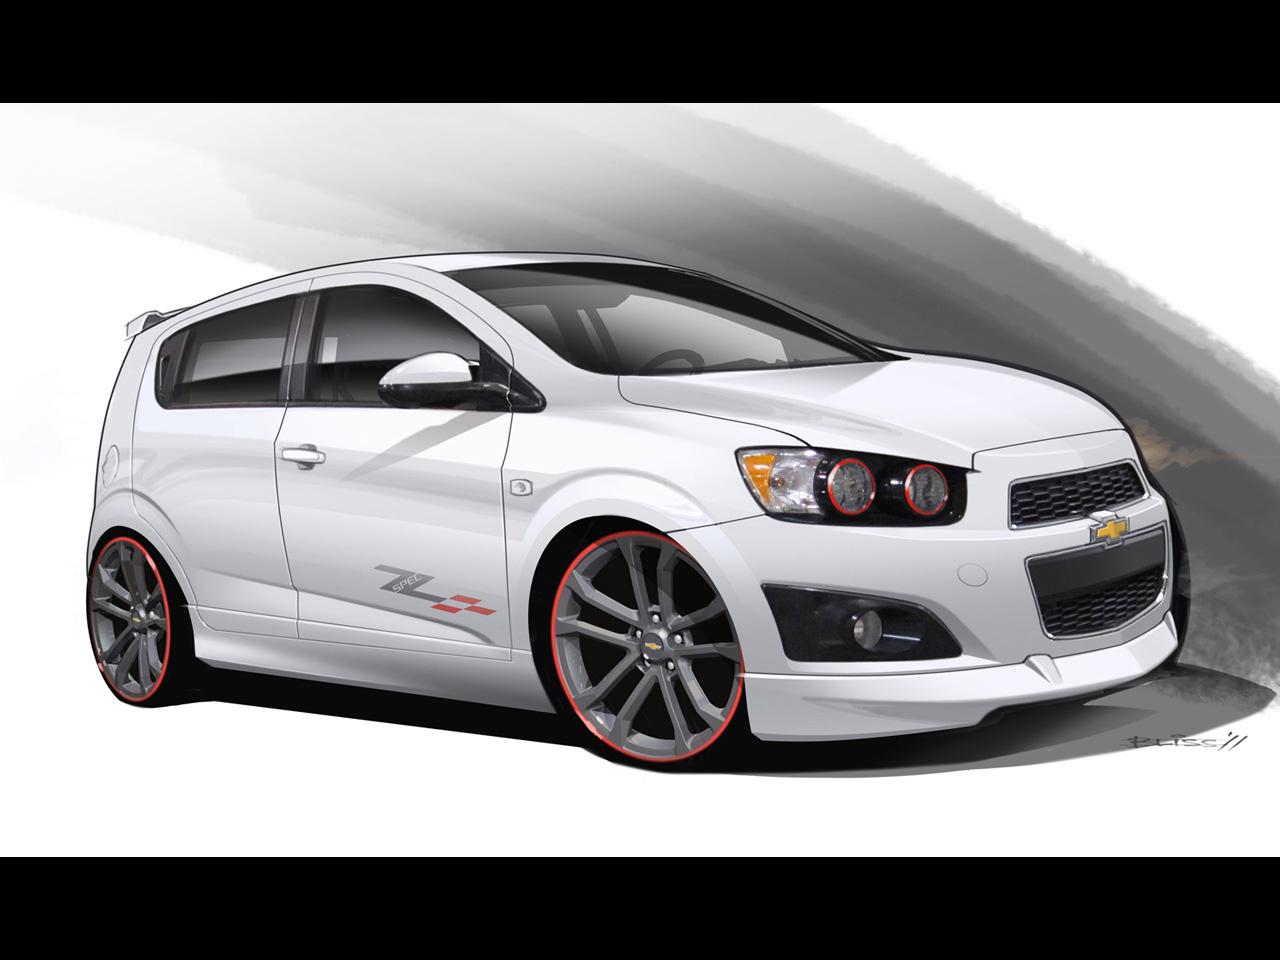 Imagenes De Autos Nuevos Chevrolet Sonic